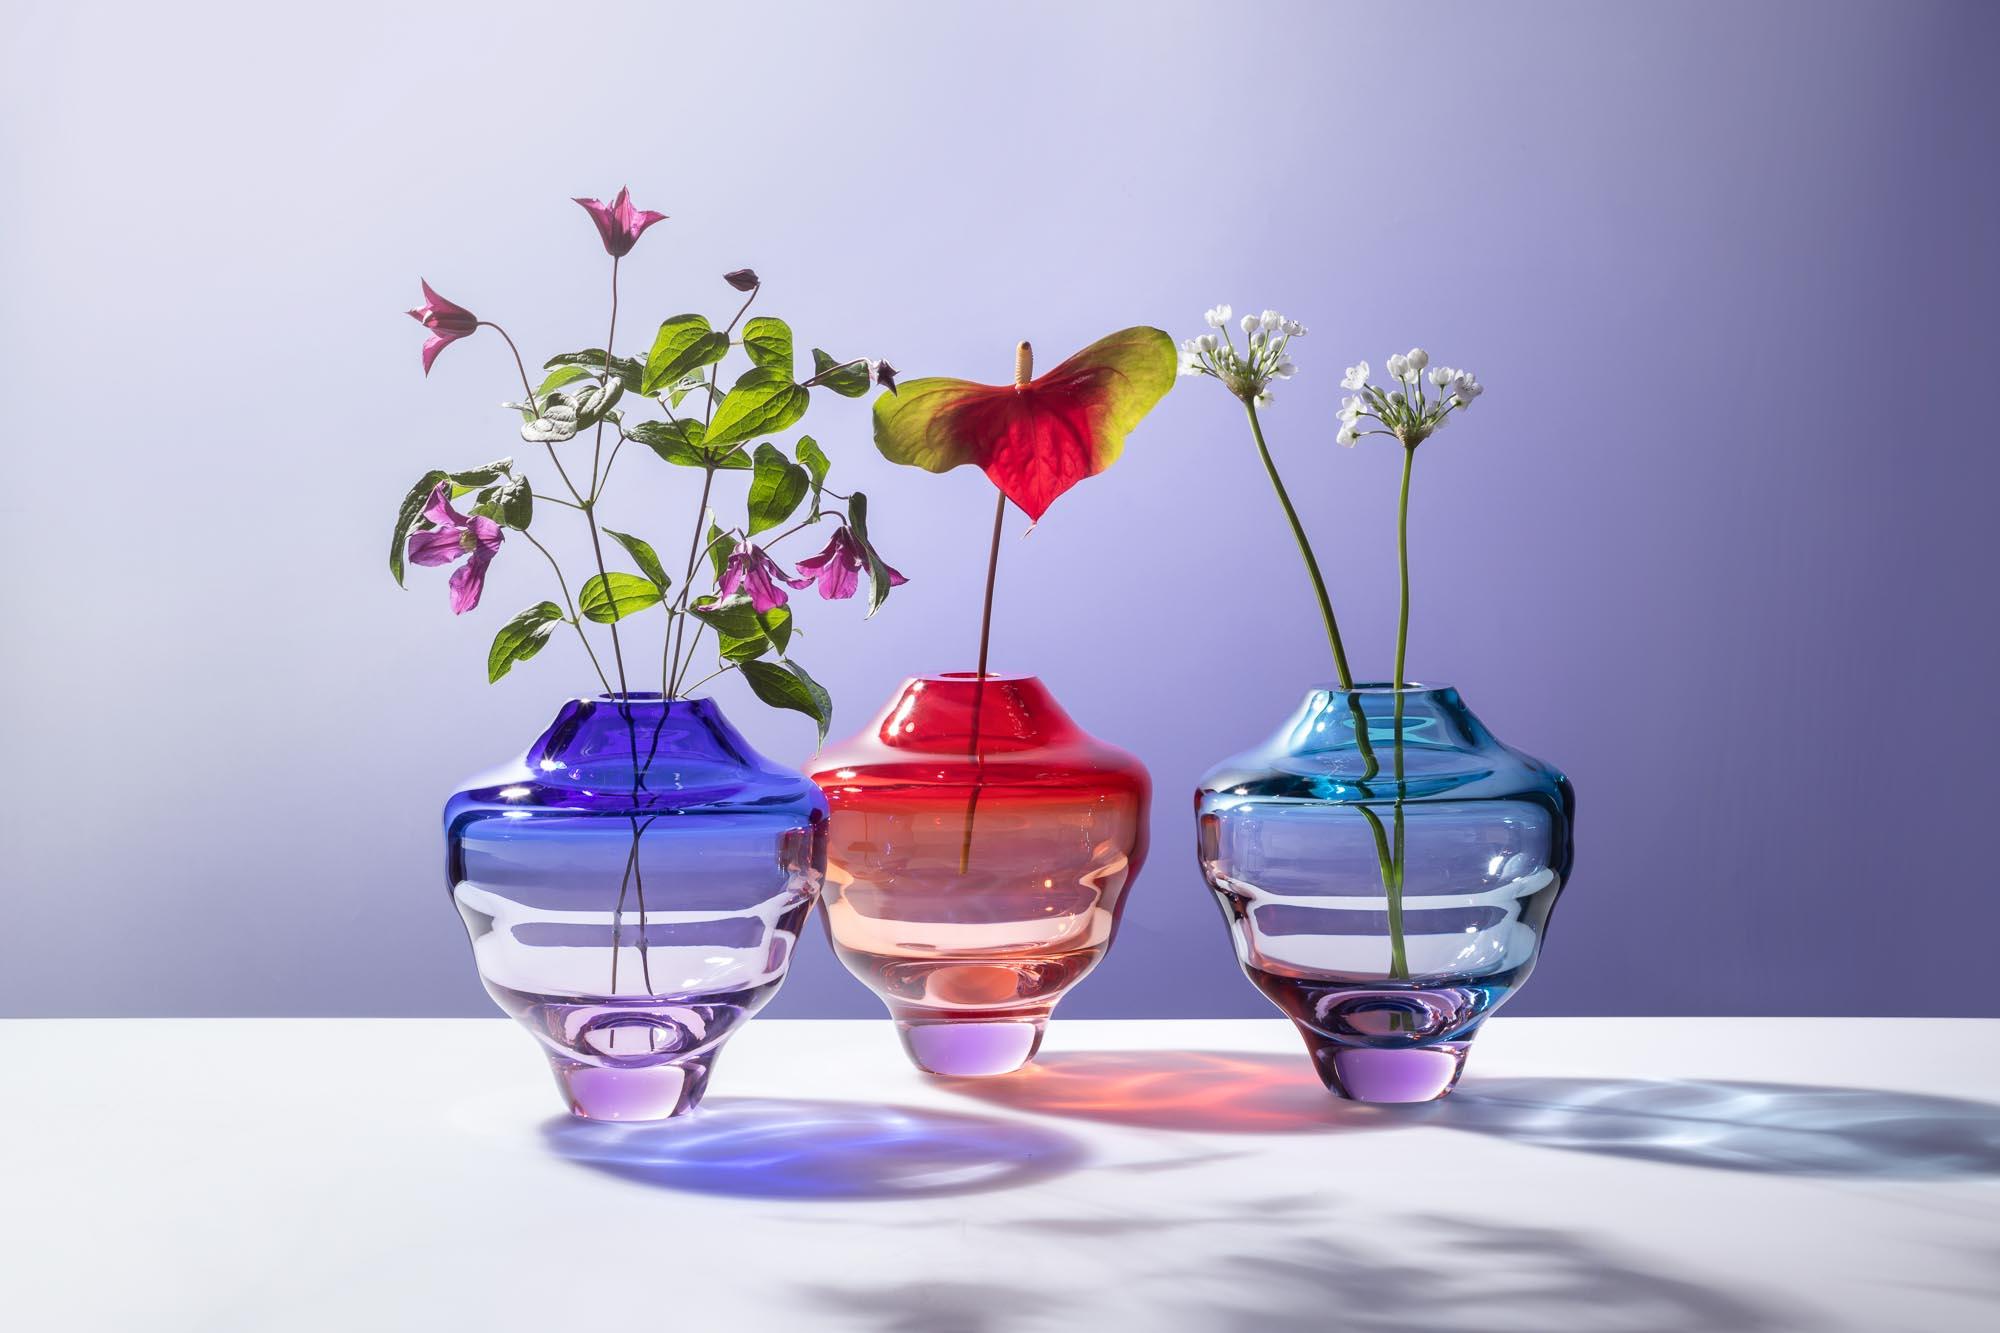 ZAUJALO NÁS: Nové kolekce váz od Františka Jungvirta